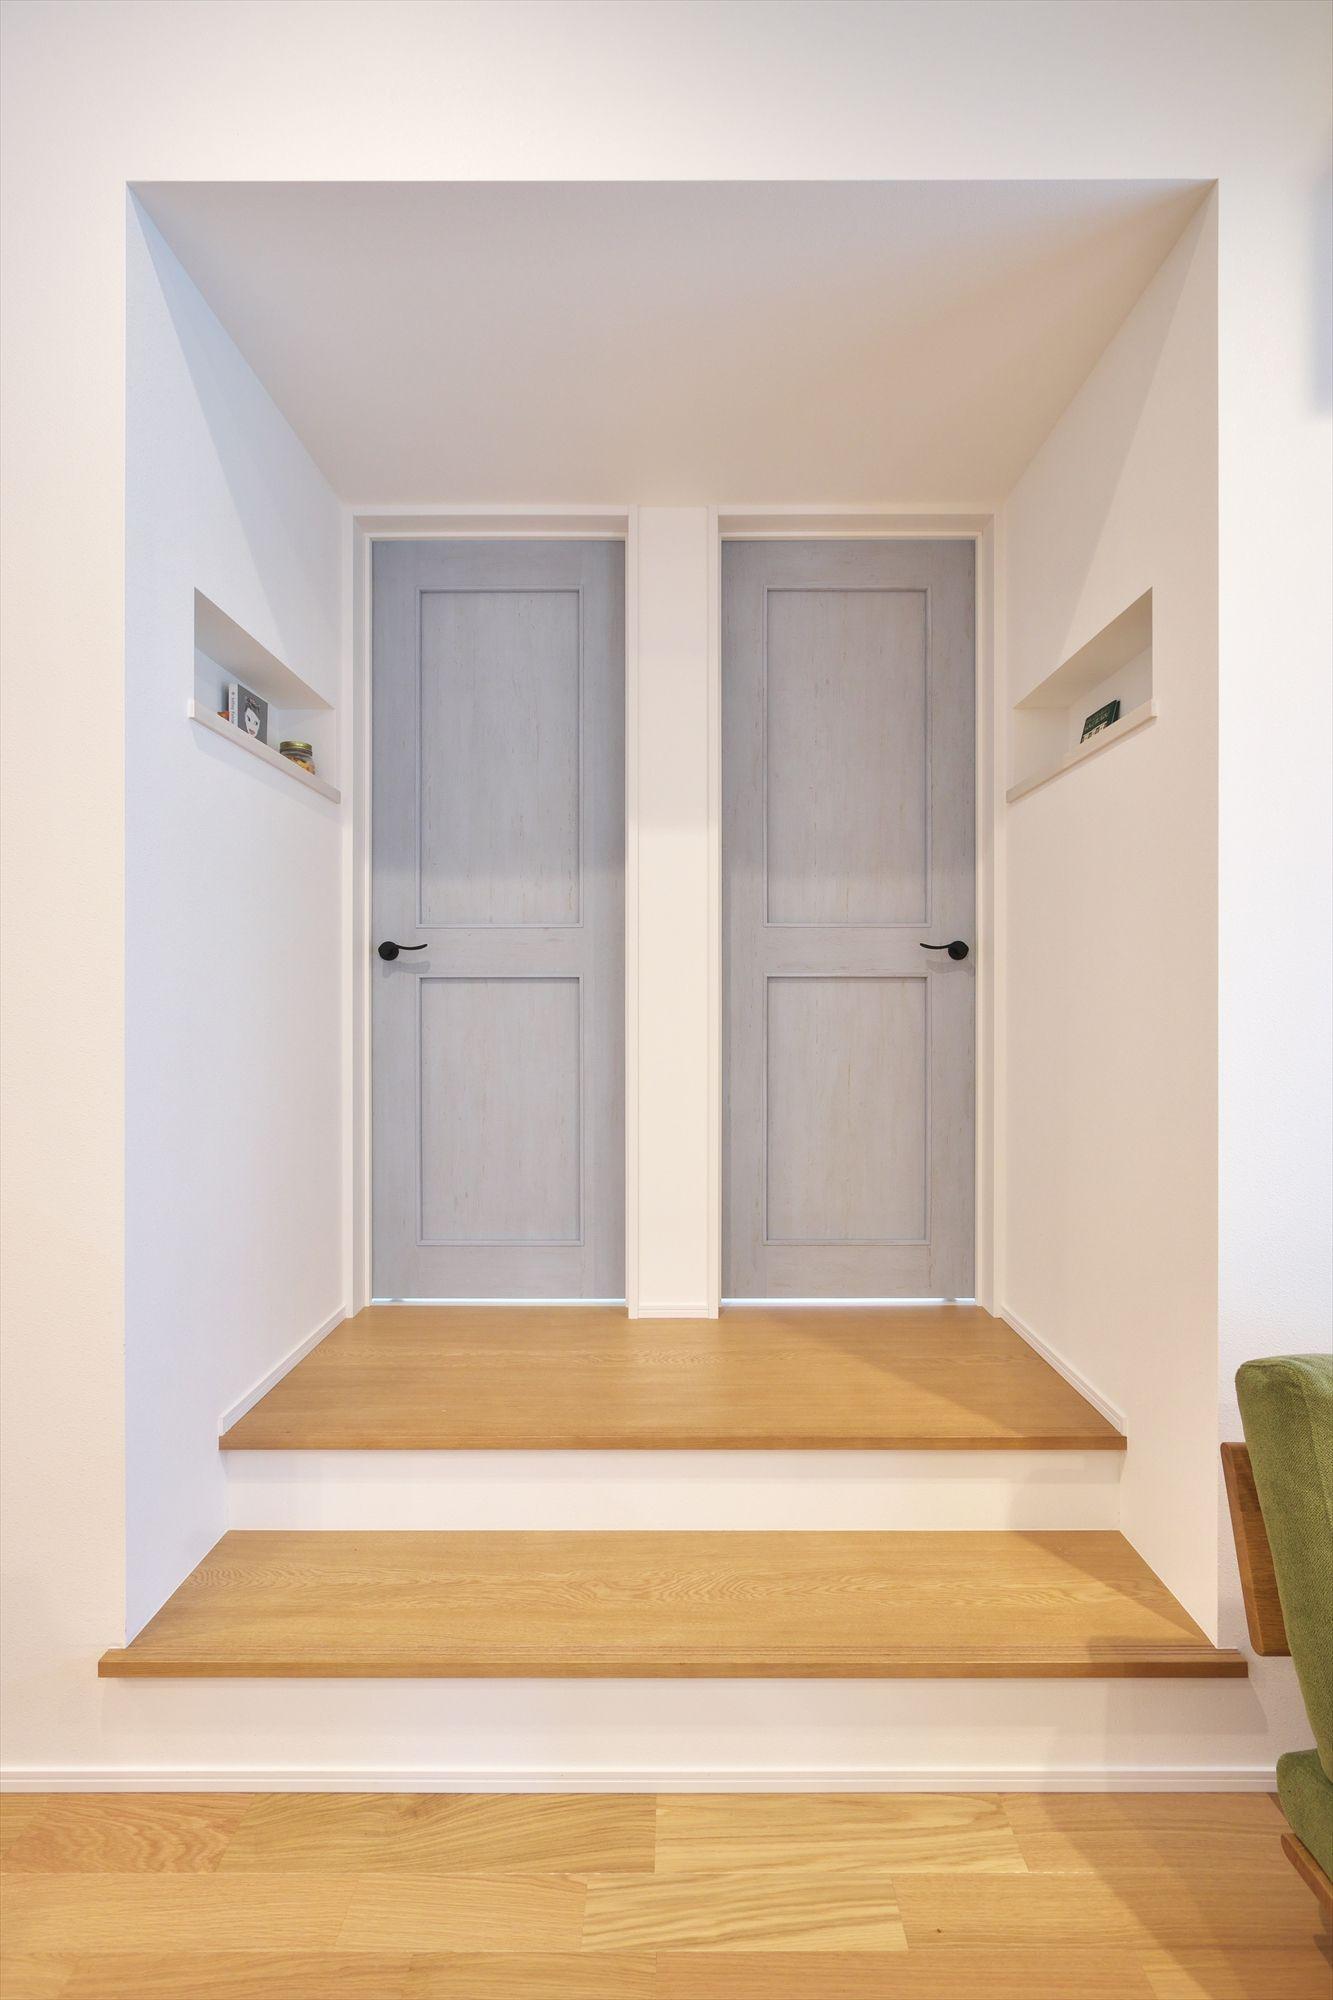 子供部屋 遊びのスキップ Lixil建具 ニッチ アーチ型ドア 建具 住宅